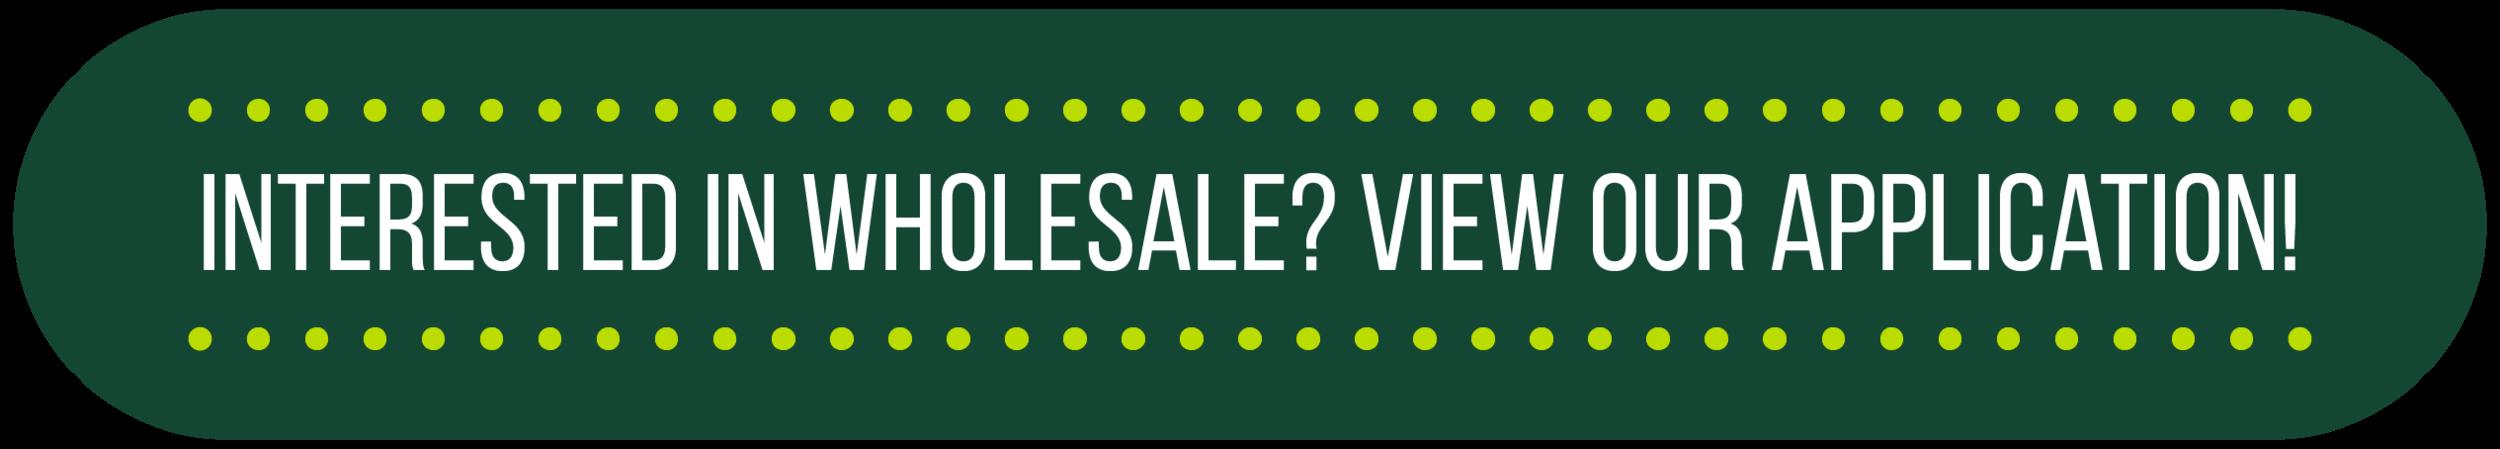 wholesale_button-01.png